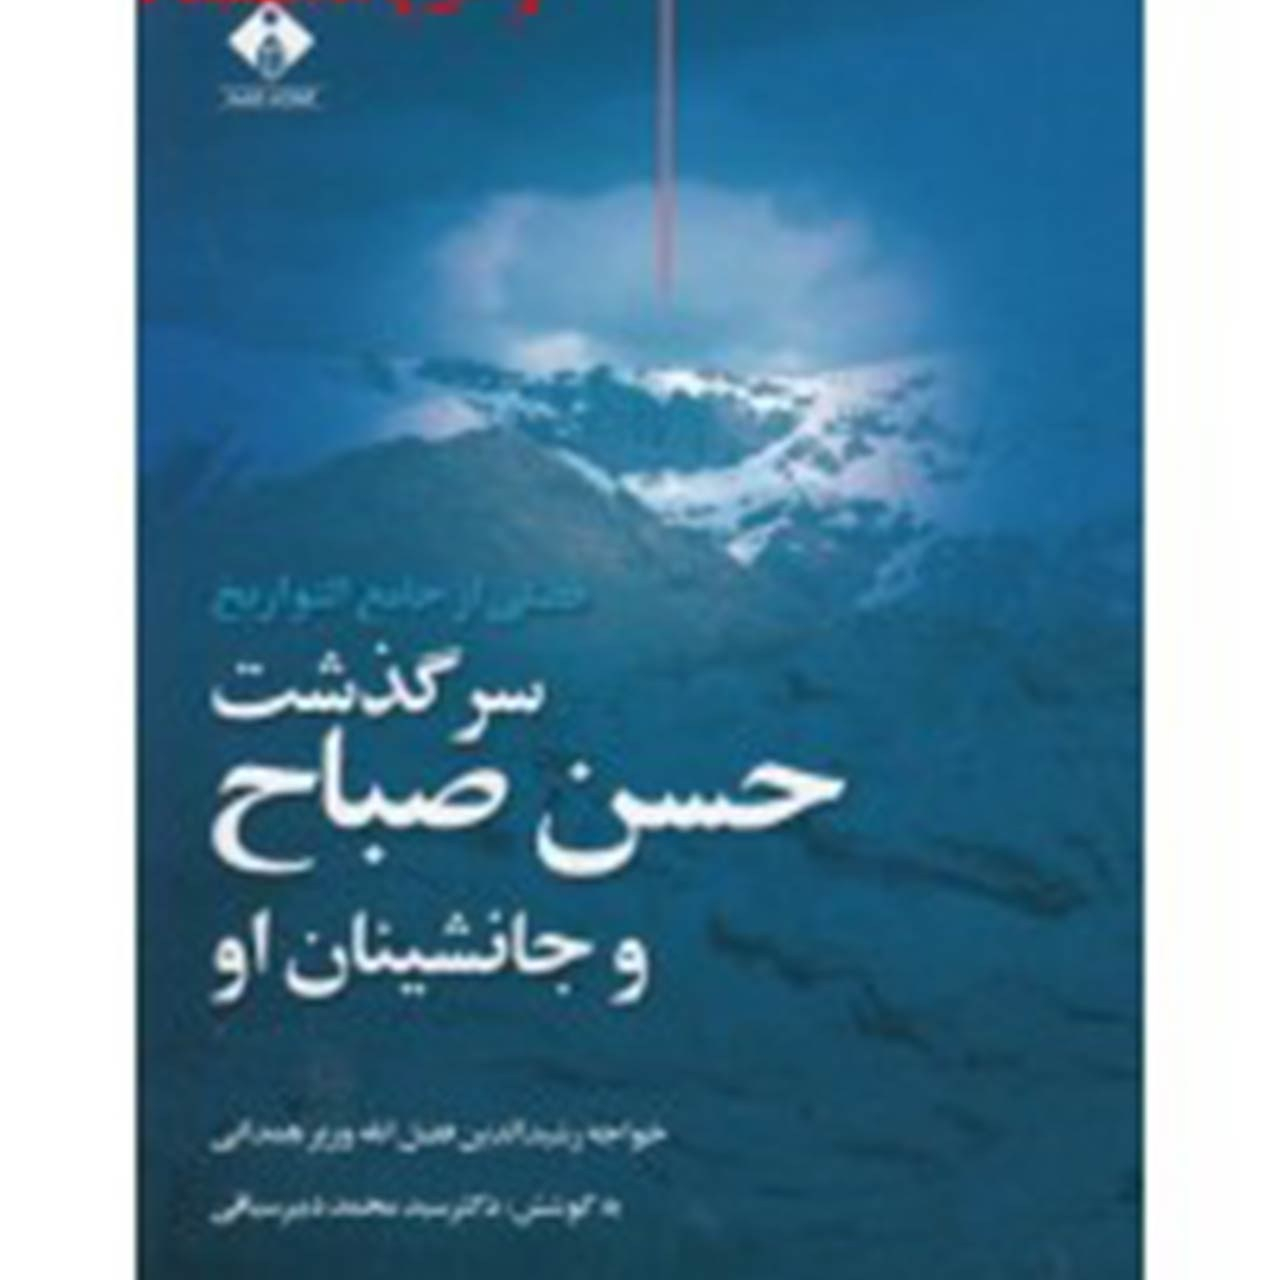 کتاب سرگذشت حسن صباح و جانشین او اثر خواجه رشید فضل الله همدانی